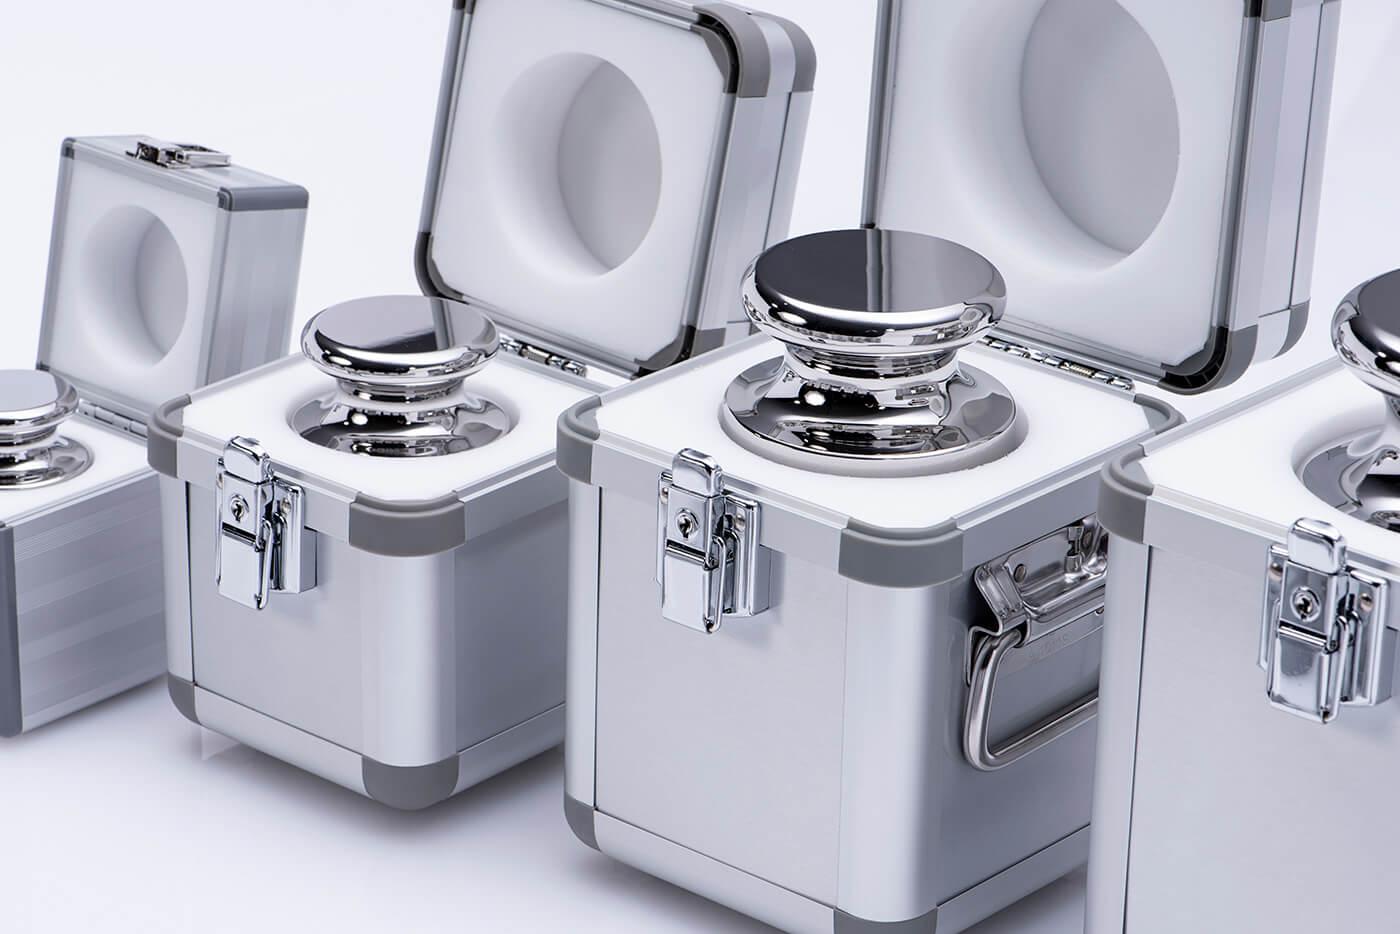 Detailbild Alu-Koffer für Einzelgewichte der E Klasse